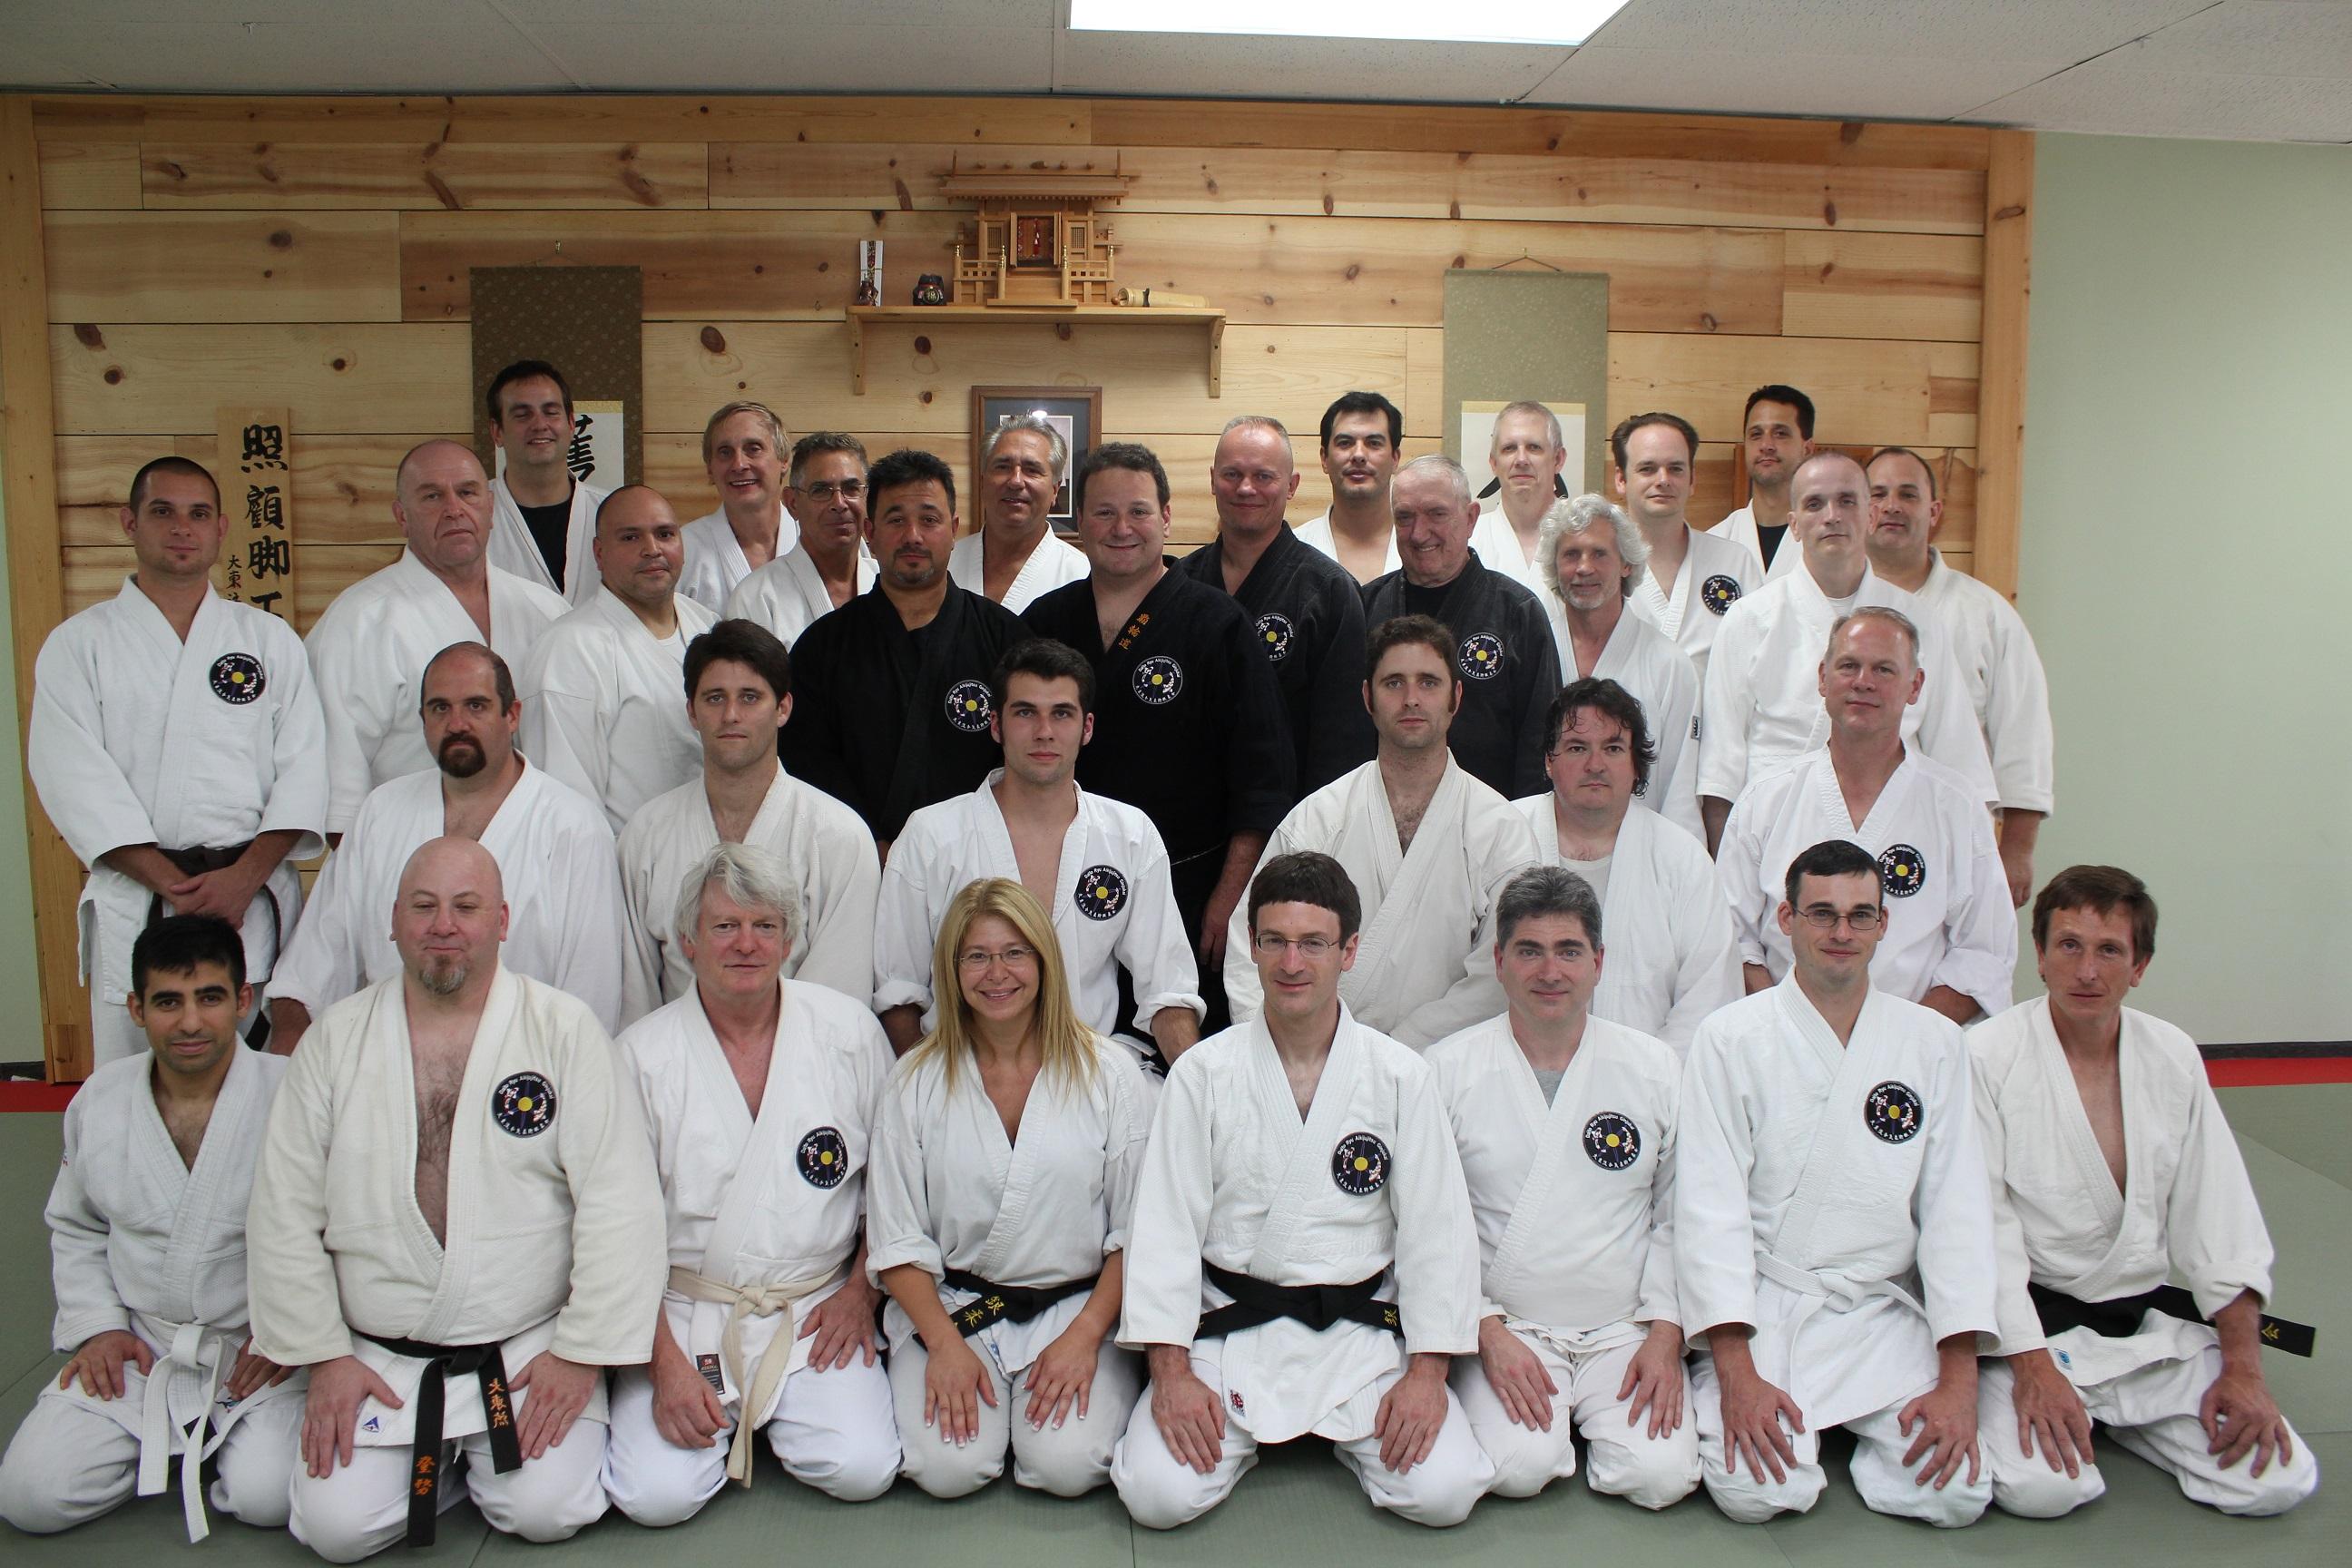 Popkin-Brogna Jujitsu Center image 12